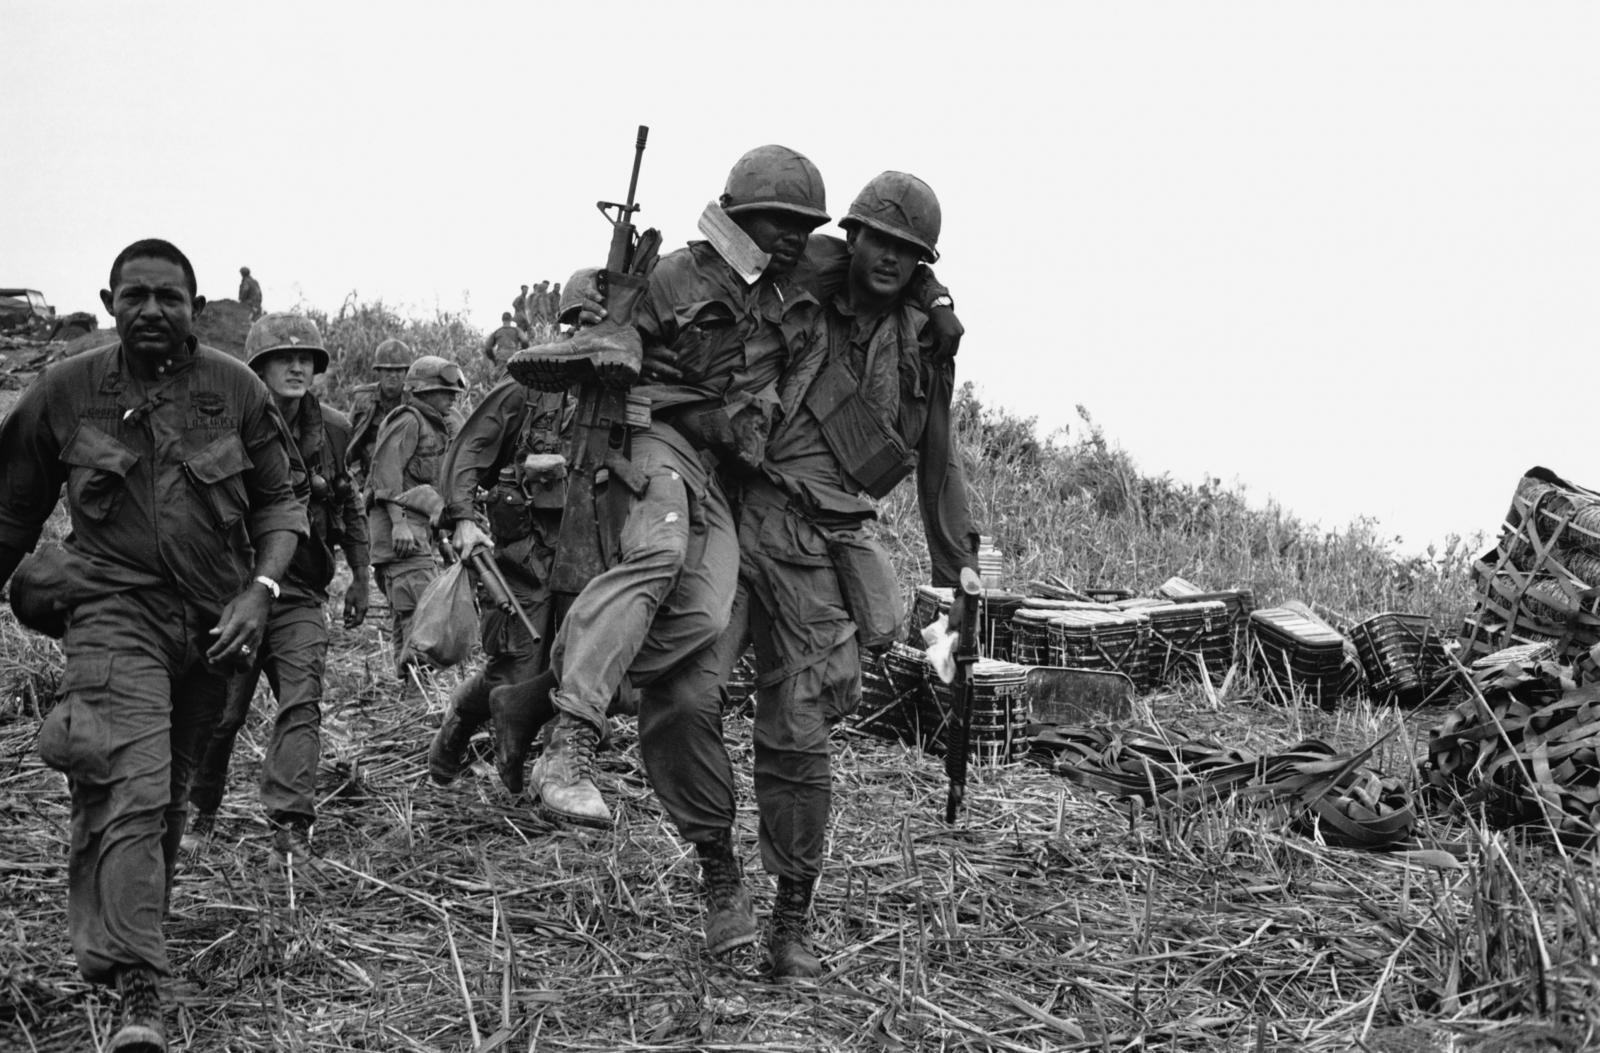 was the vietnam war justified essay